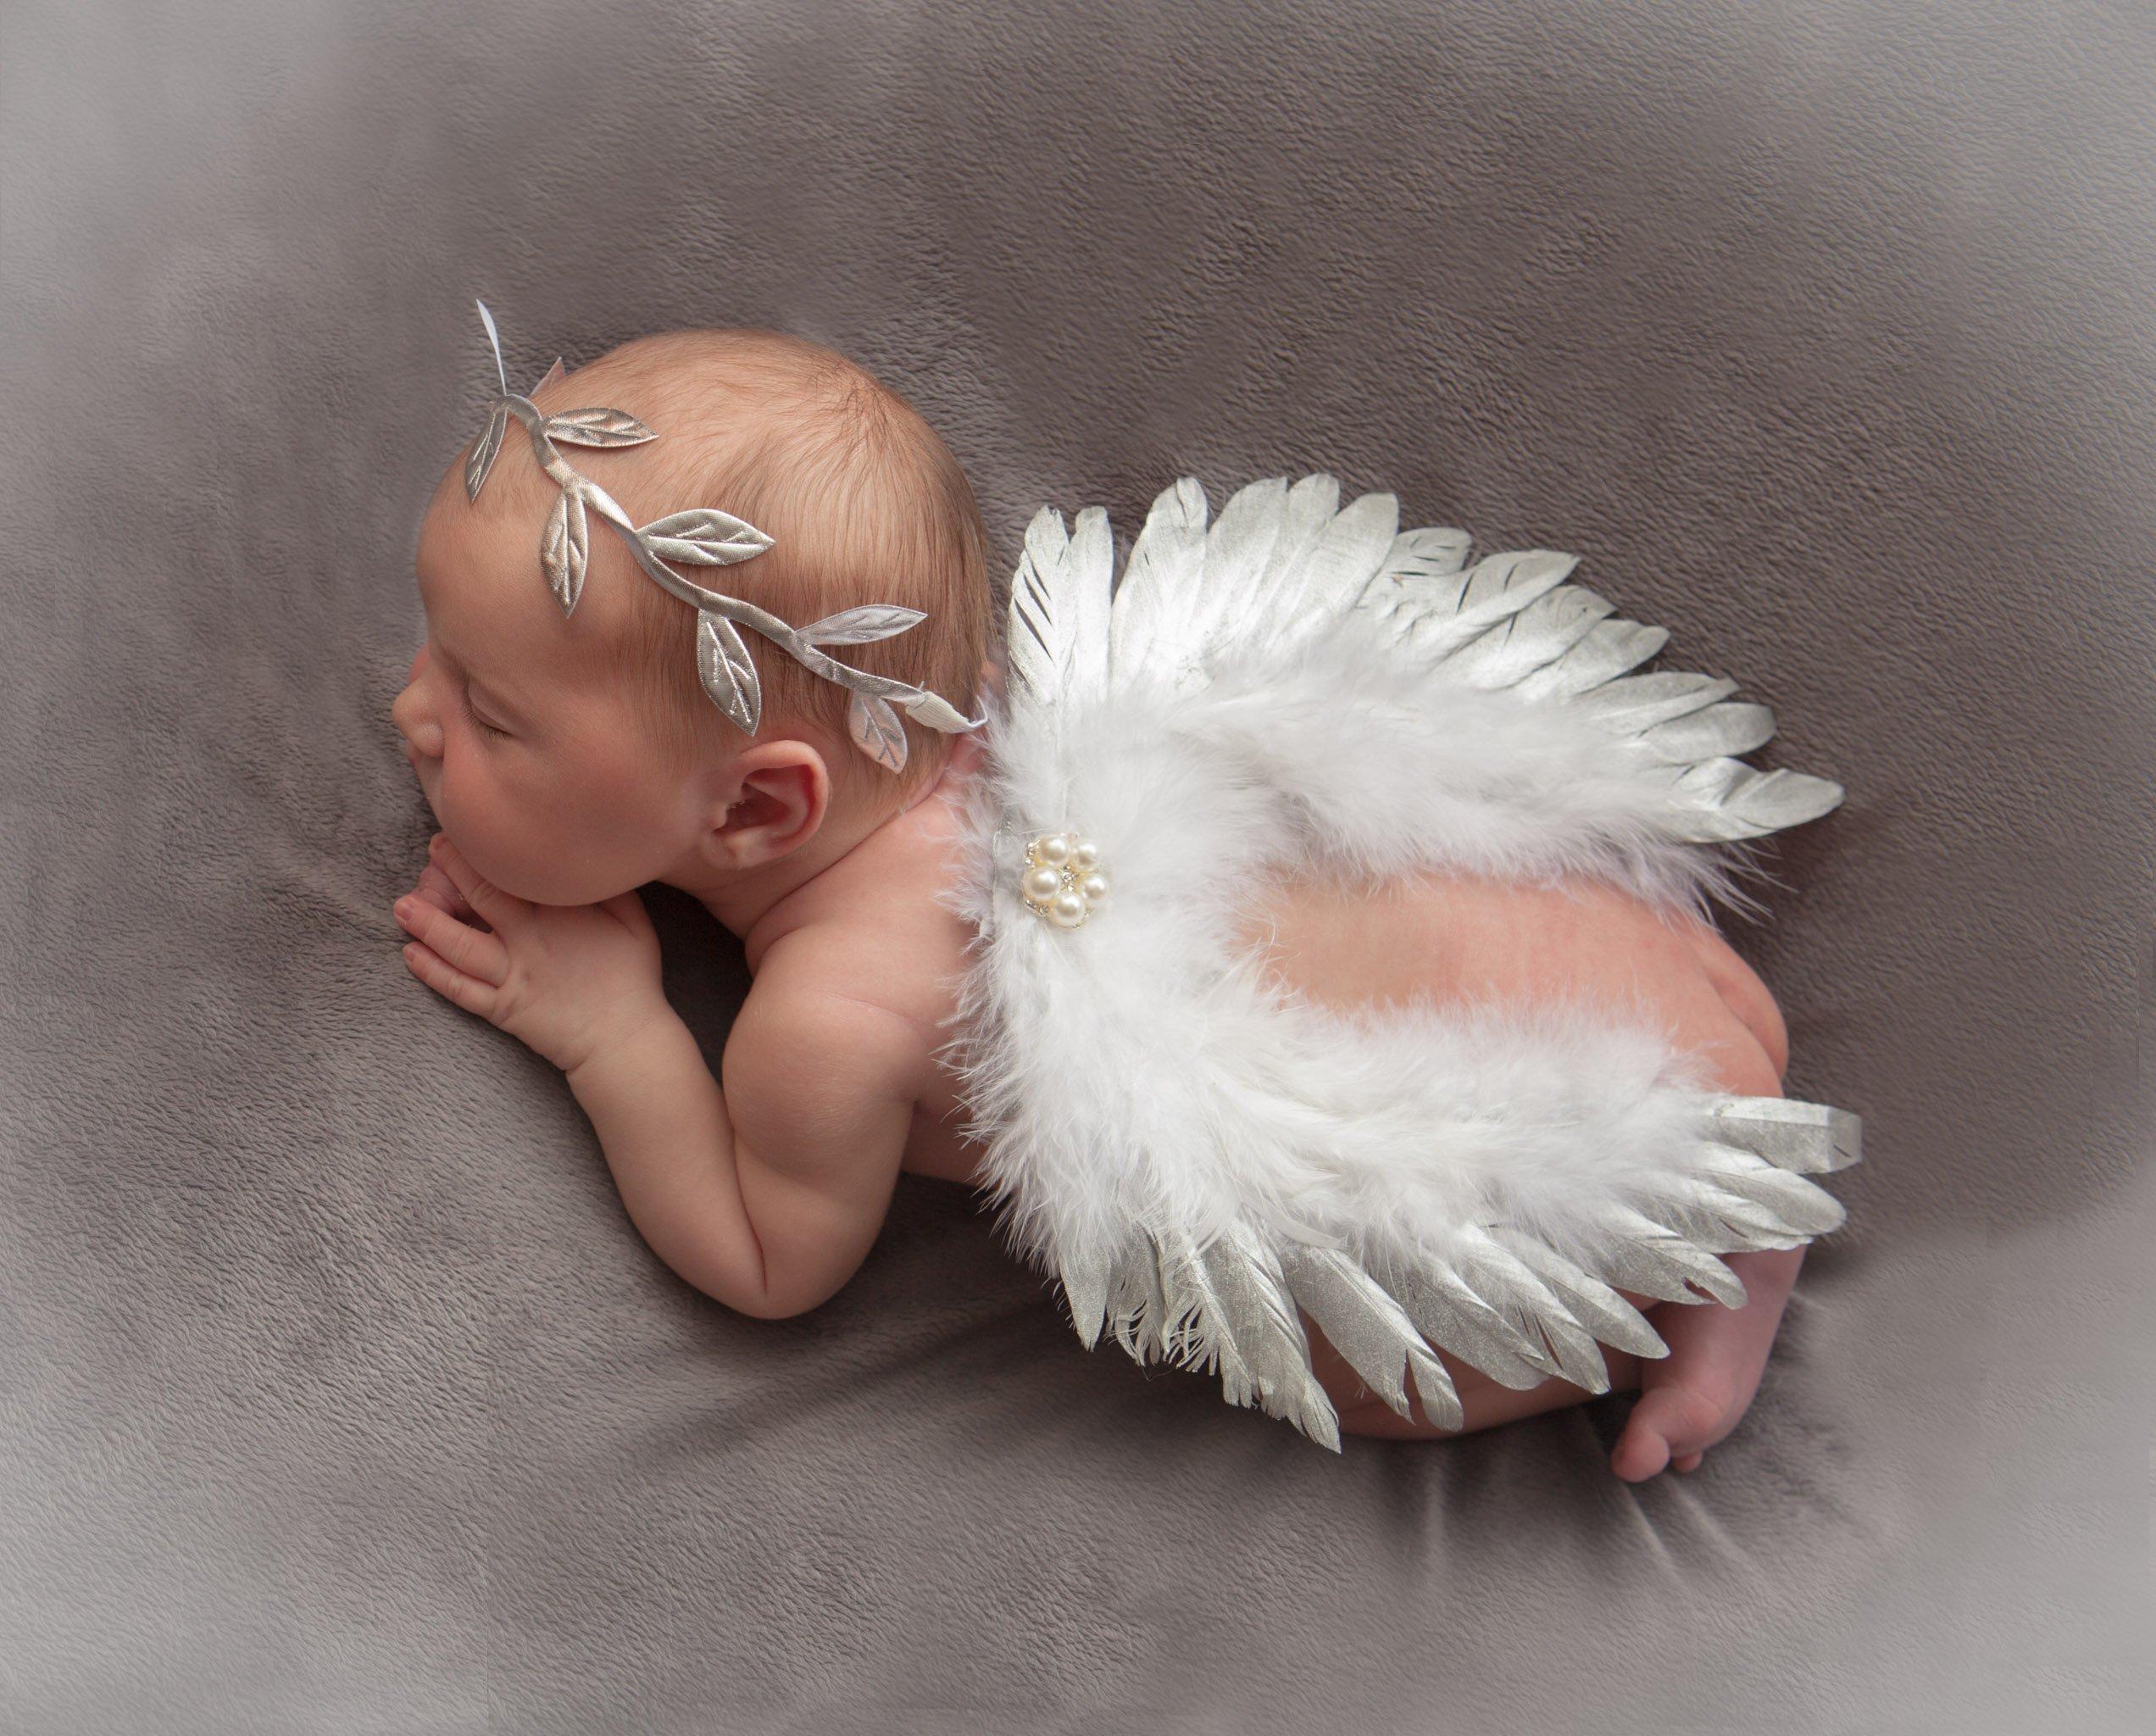 6 day new baby Darcie, newborn photography, Tania Miller Photography, Cwmbran newborn photographer